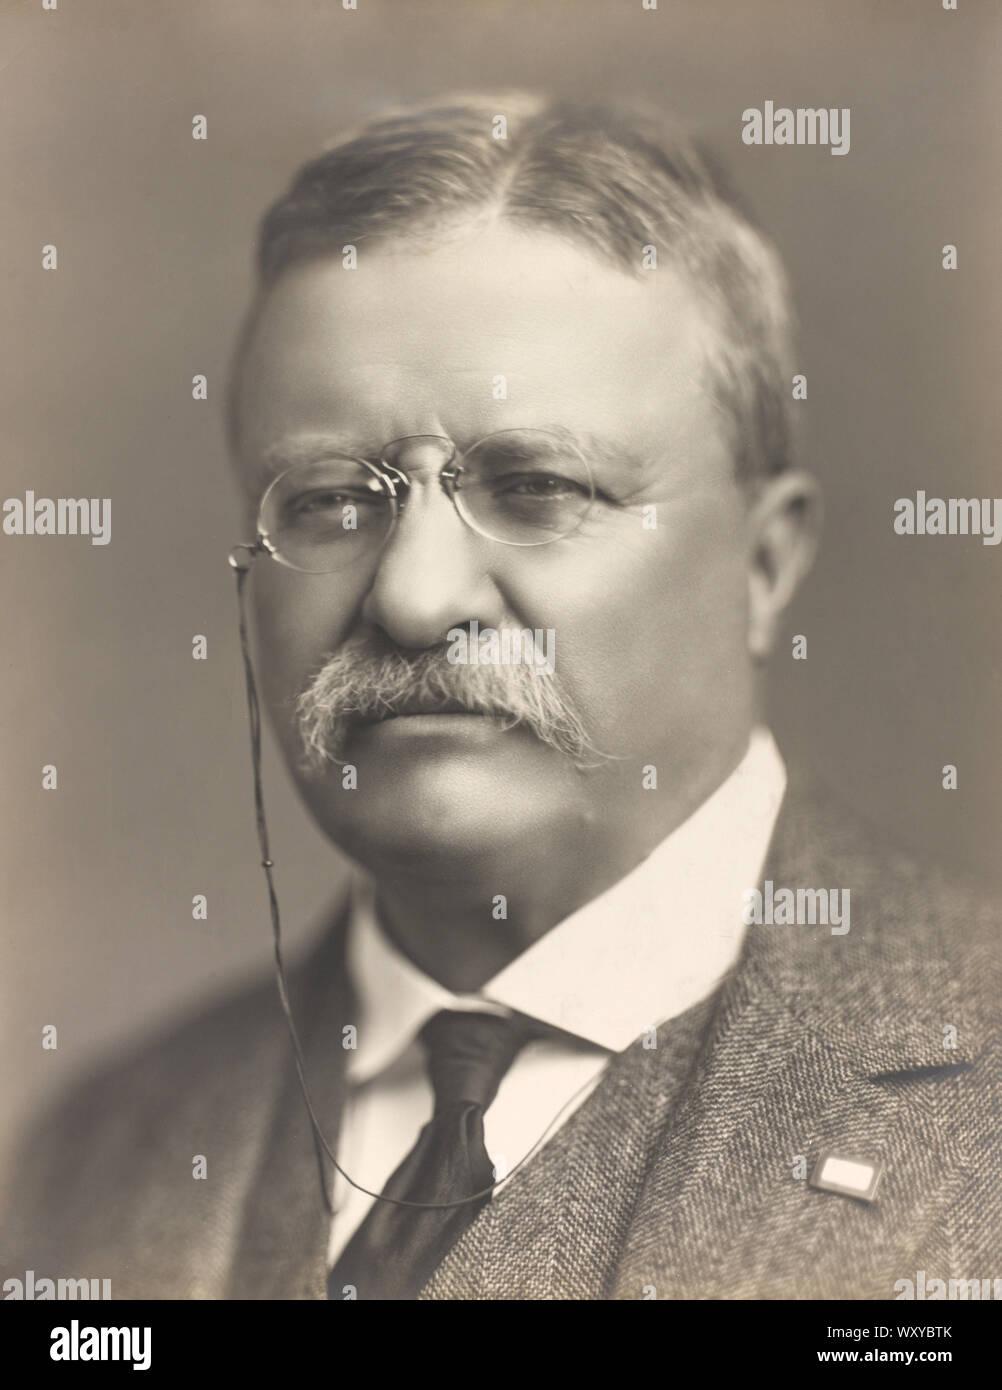 Theodore Roosevelt (1858-1919), 26º Presidente de los Estados Unidos, 1901-09, la cabeza y los hombros retrato, Baker's Art Gallery, 1918 Foto de stock